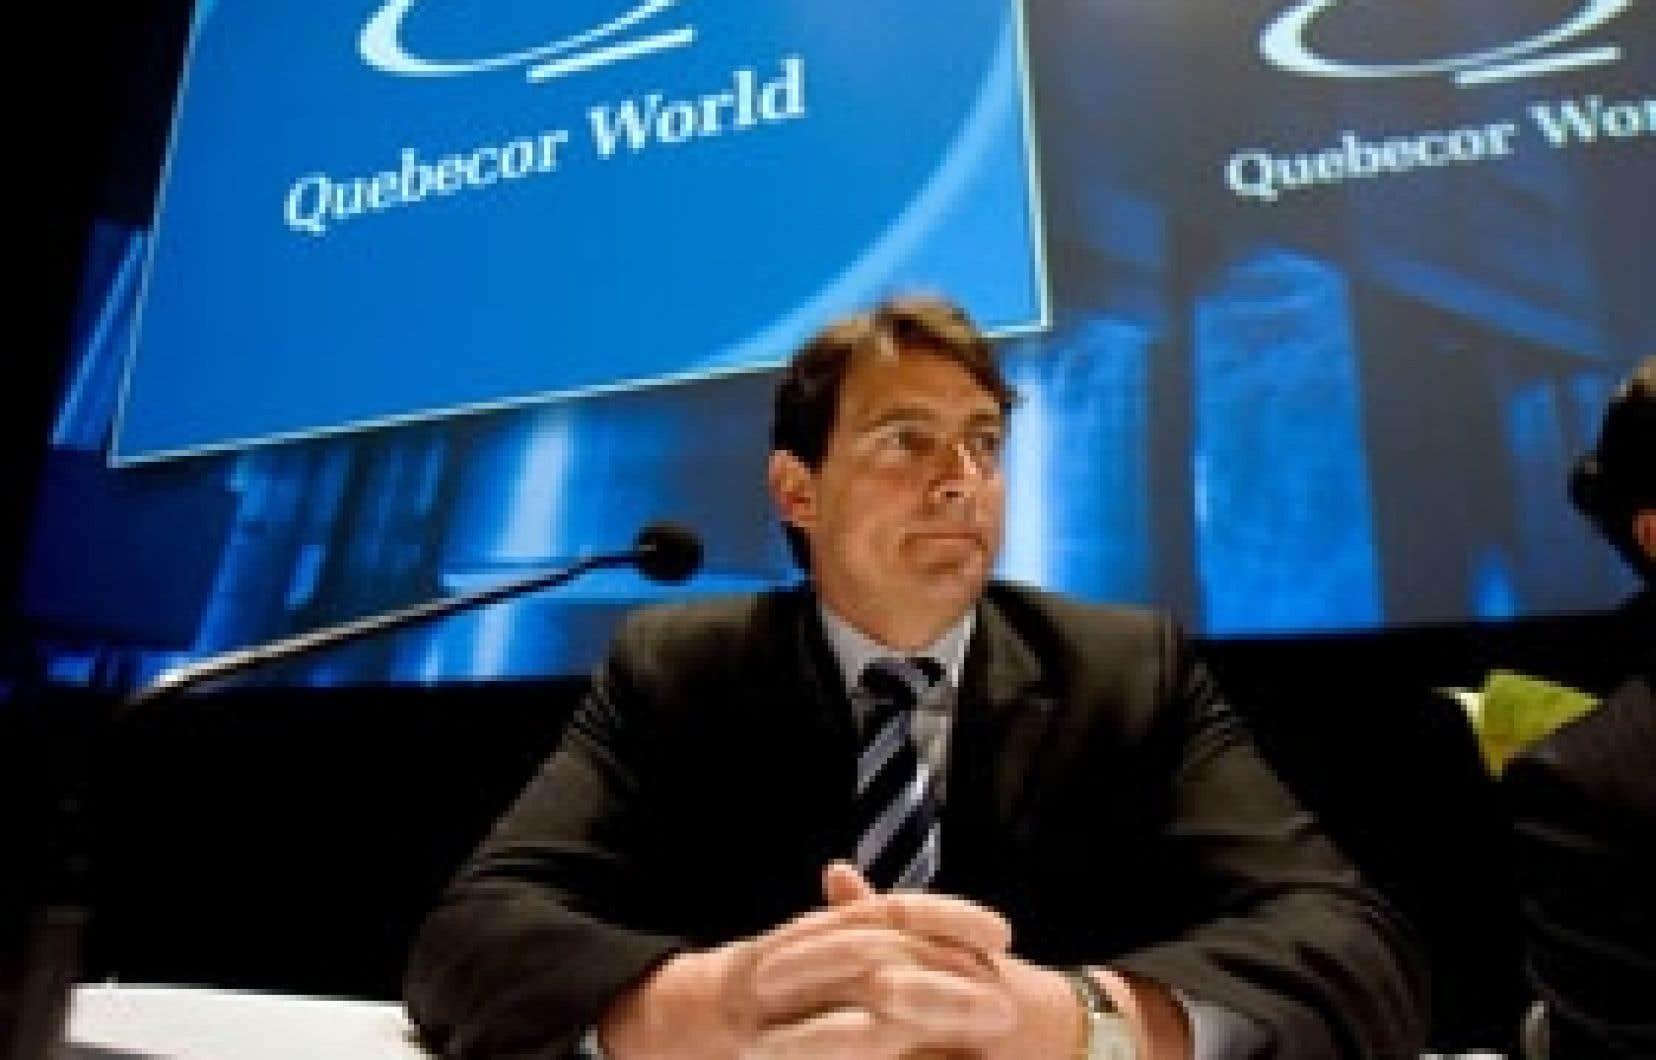 Pierre Karl Péladeau de même que son frère Érik, les deux fils du fondateur du conglomérat Quebecor World, Pierre Péladeau, ont quitté récemment le conseil d'administration de l'imprimeur.